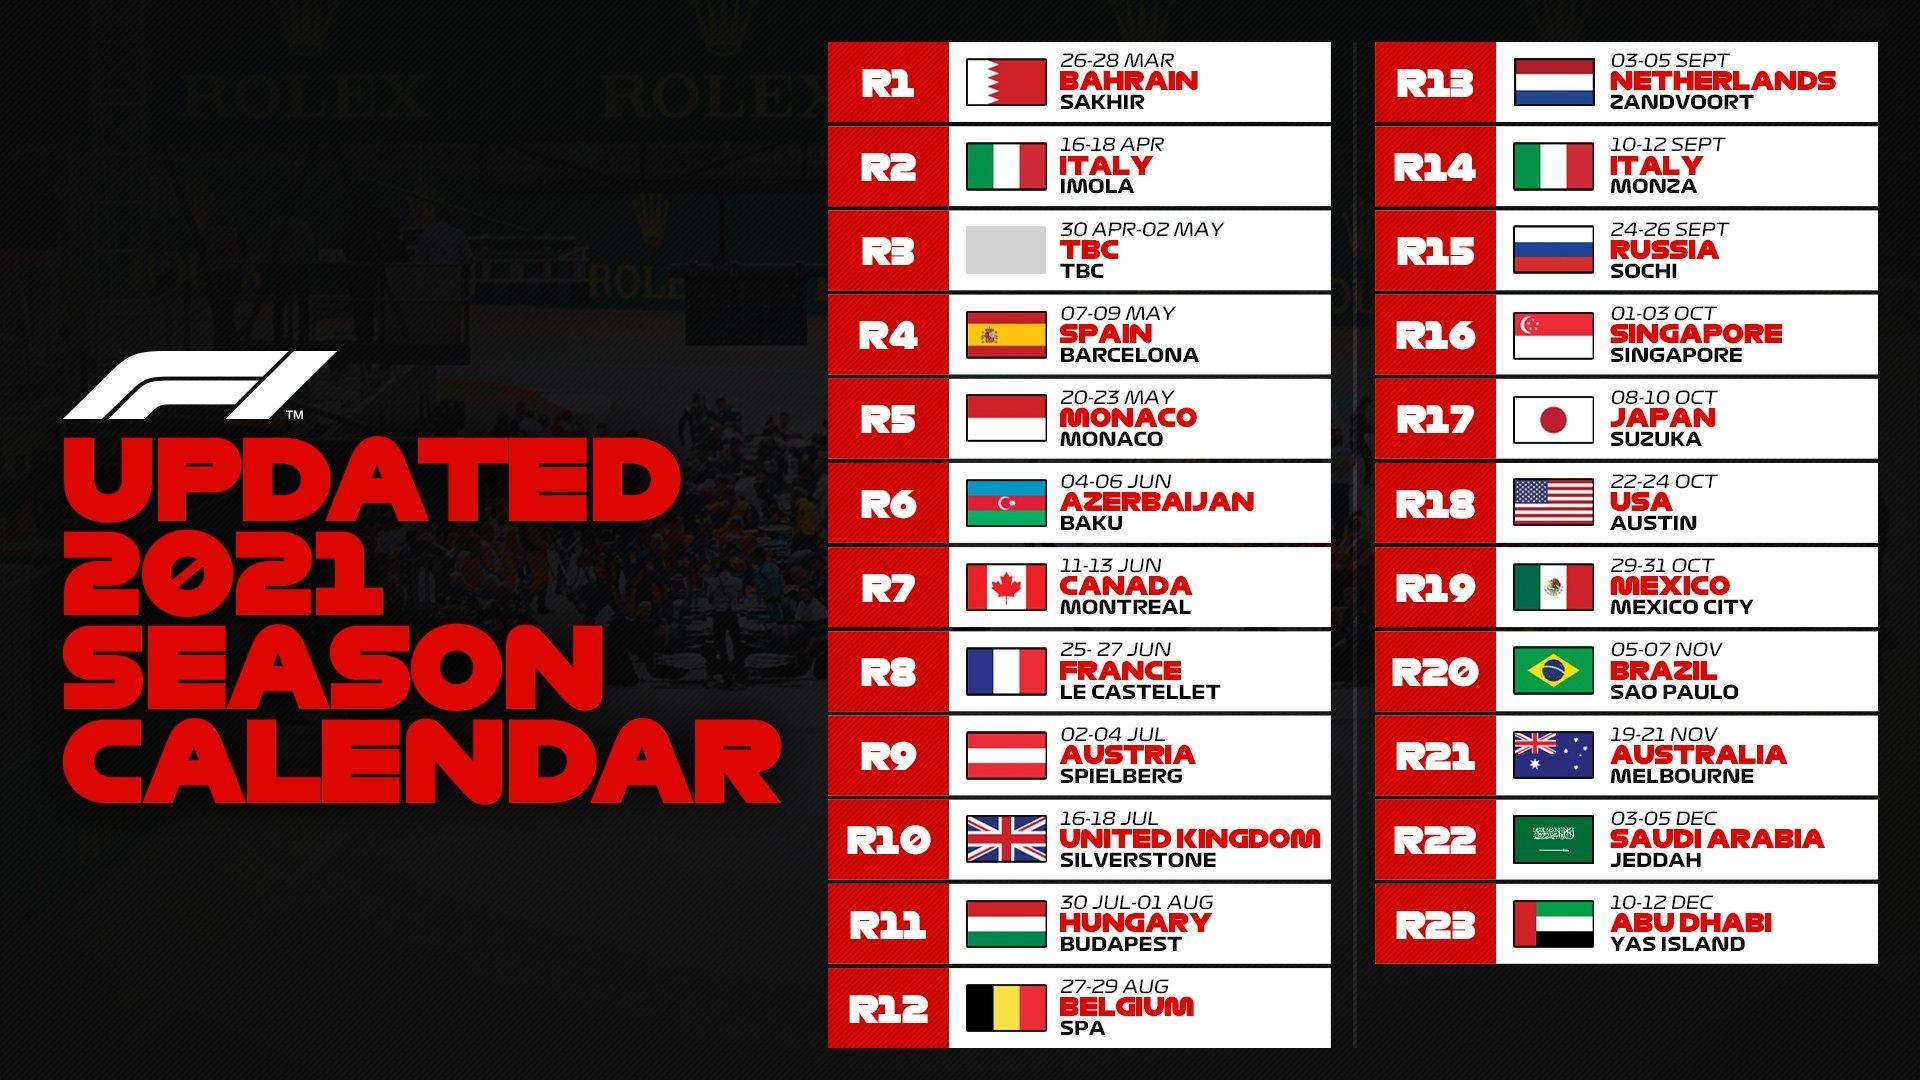 ОФИЦИАЛЬНО: Гран-при Австралии перенесён на осень, сезон Ф1 стартует в Бахрейне